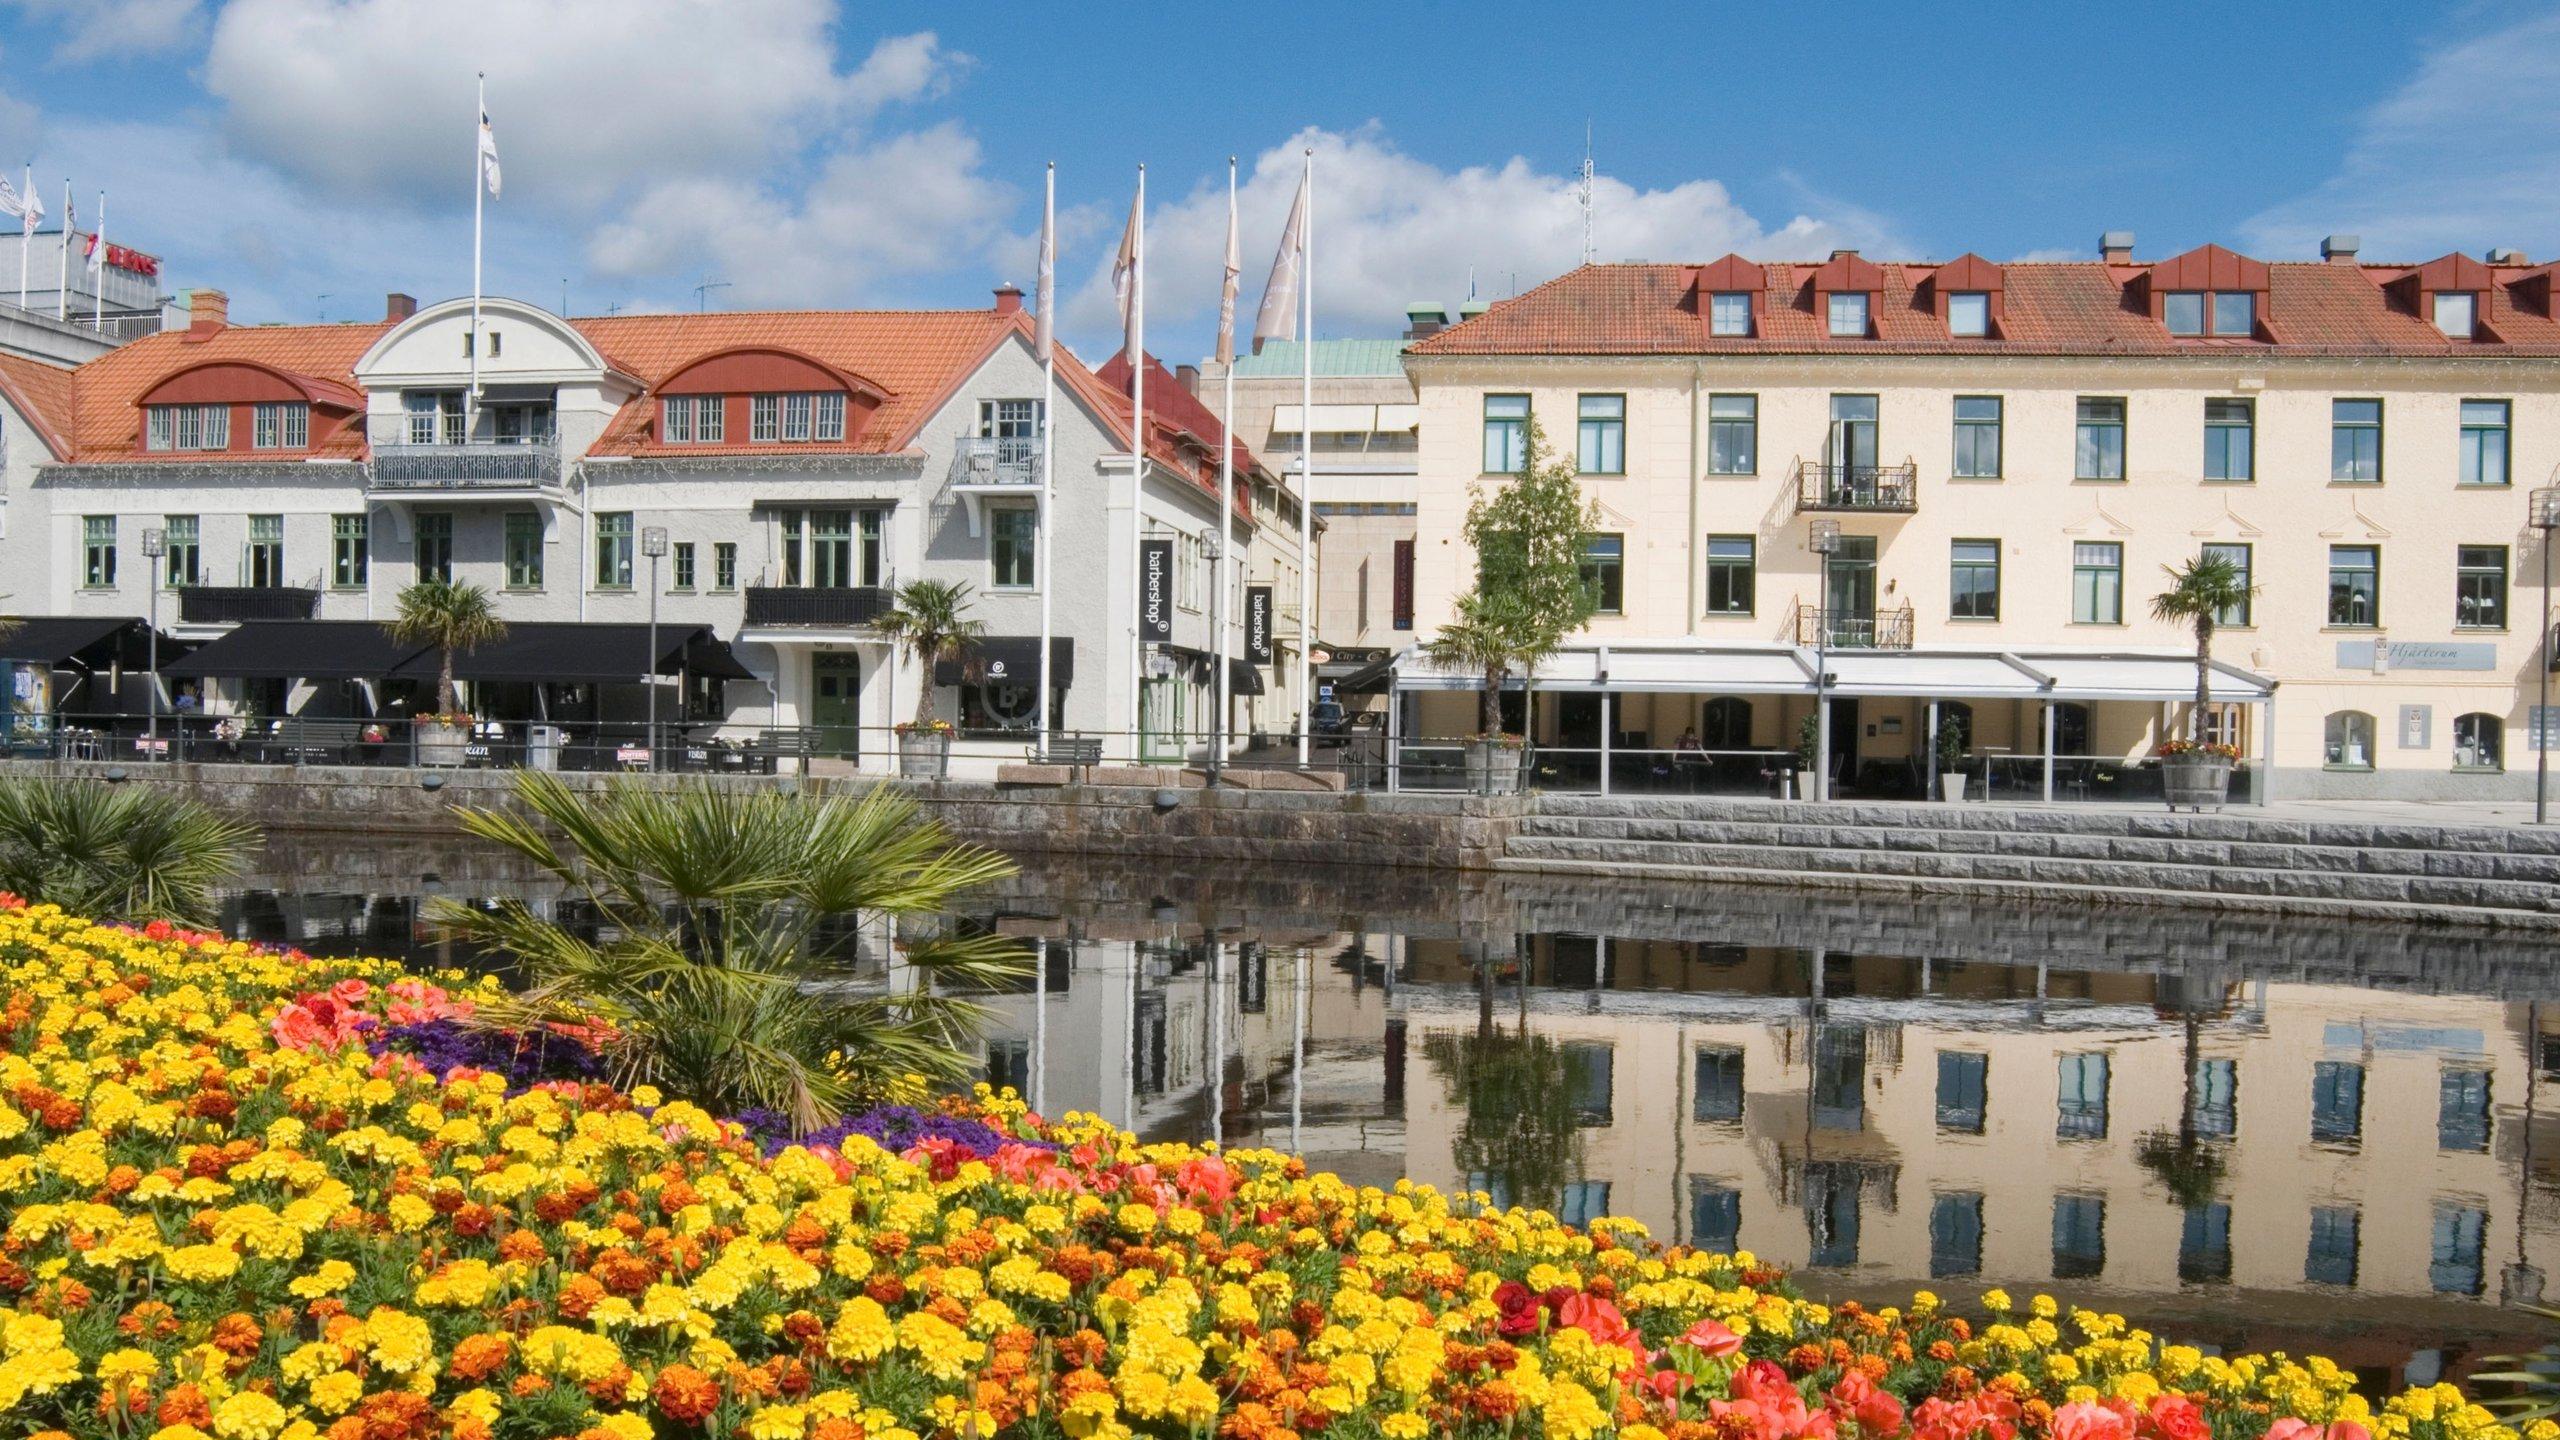 Hotell I Borås 339 Billiga Hotell På Expediase